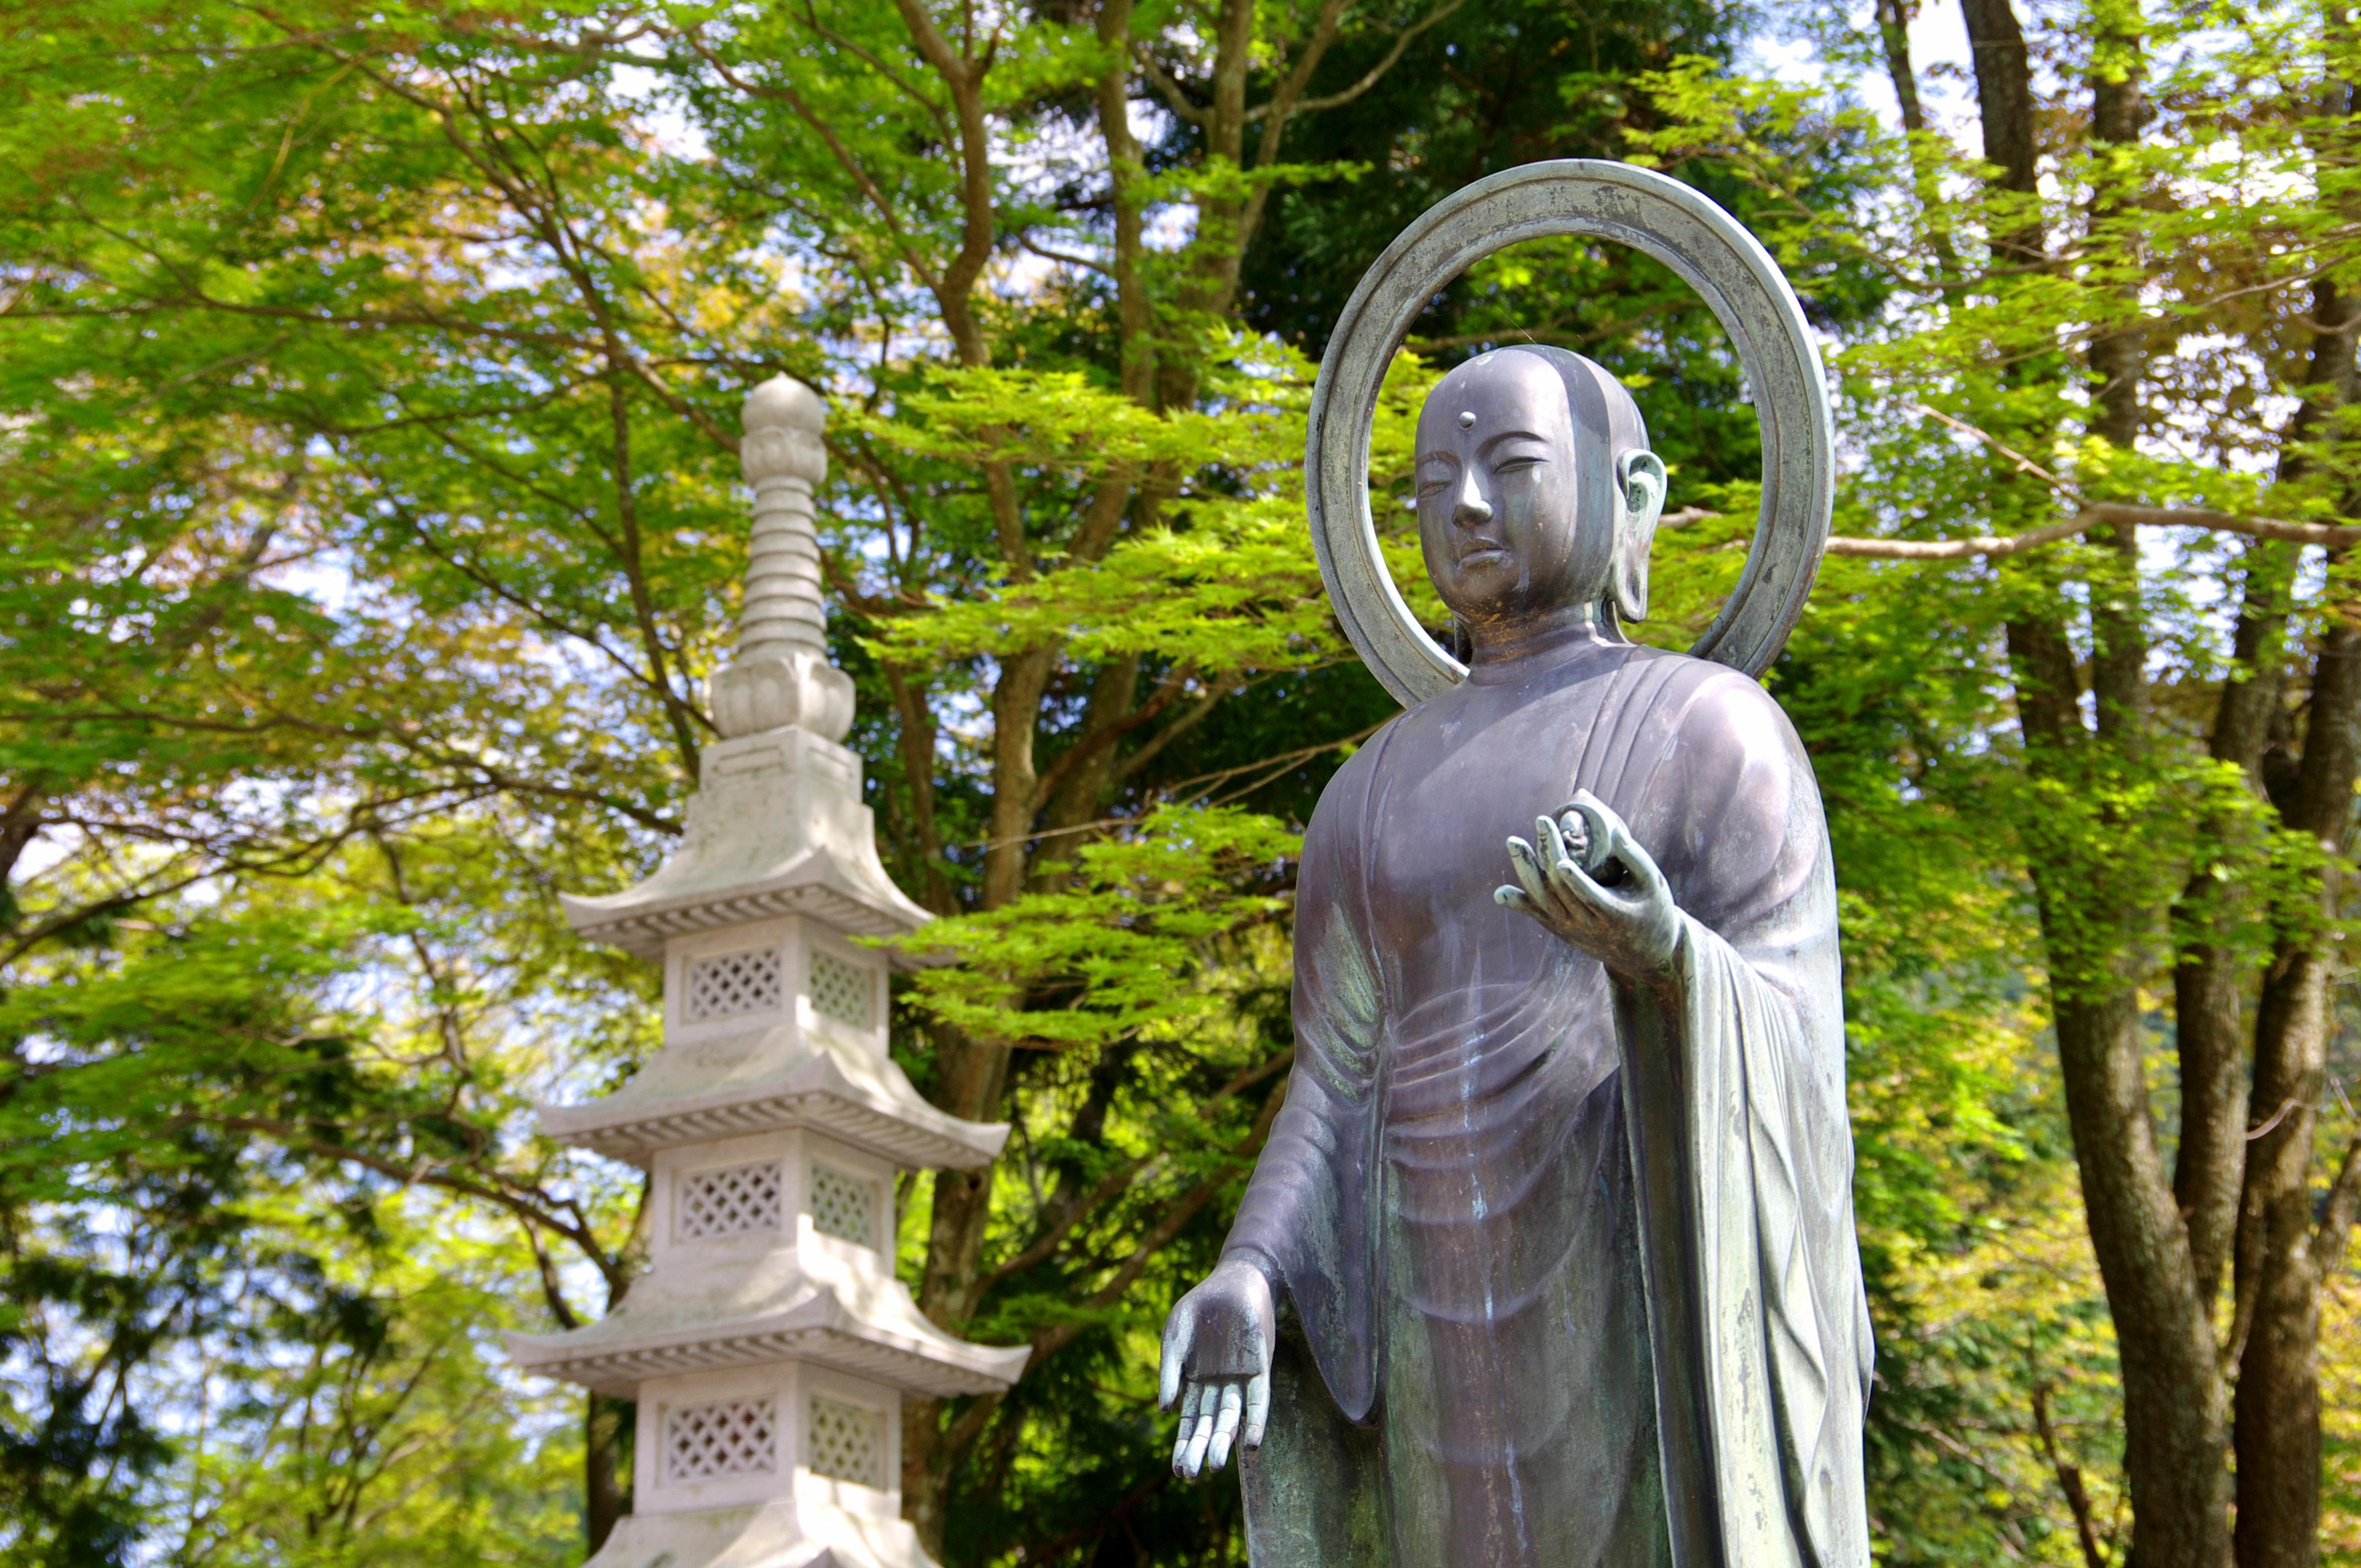 ハロー(Halo)効果とは後光のこと。仏像の背後にある光輪です。